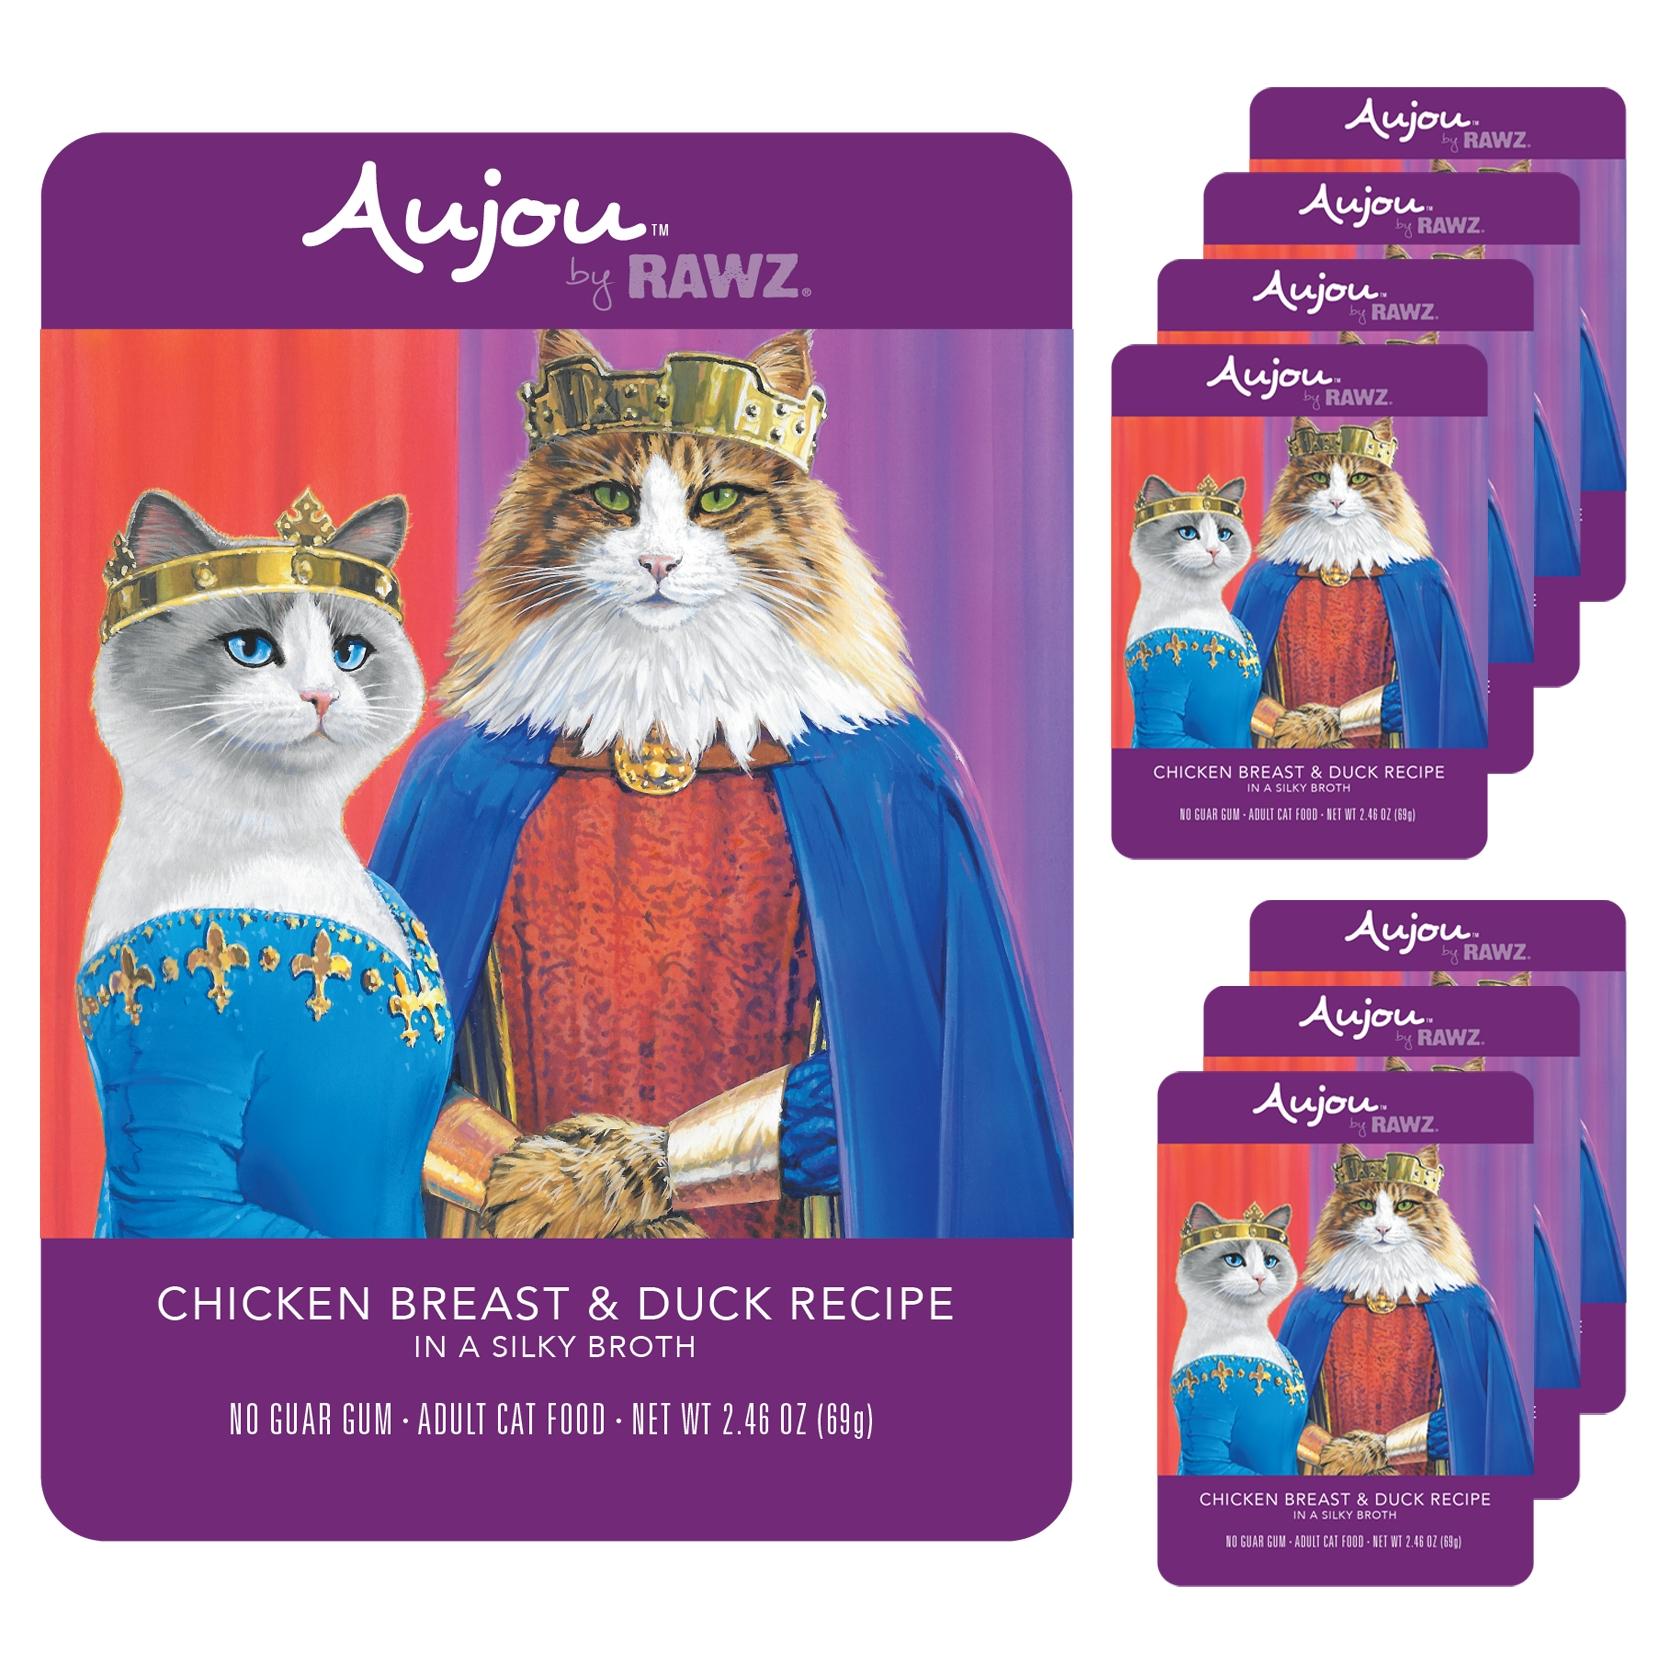 [주식 파우치] 오쥬바이로우즈 치킨가슴살 오리 고양이 주식파우치 8p, 닭, 69g - 랭킹56위 (25200원)